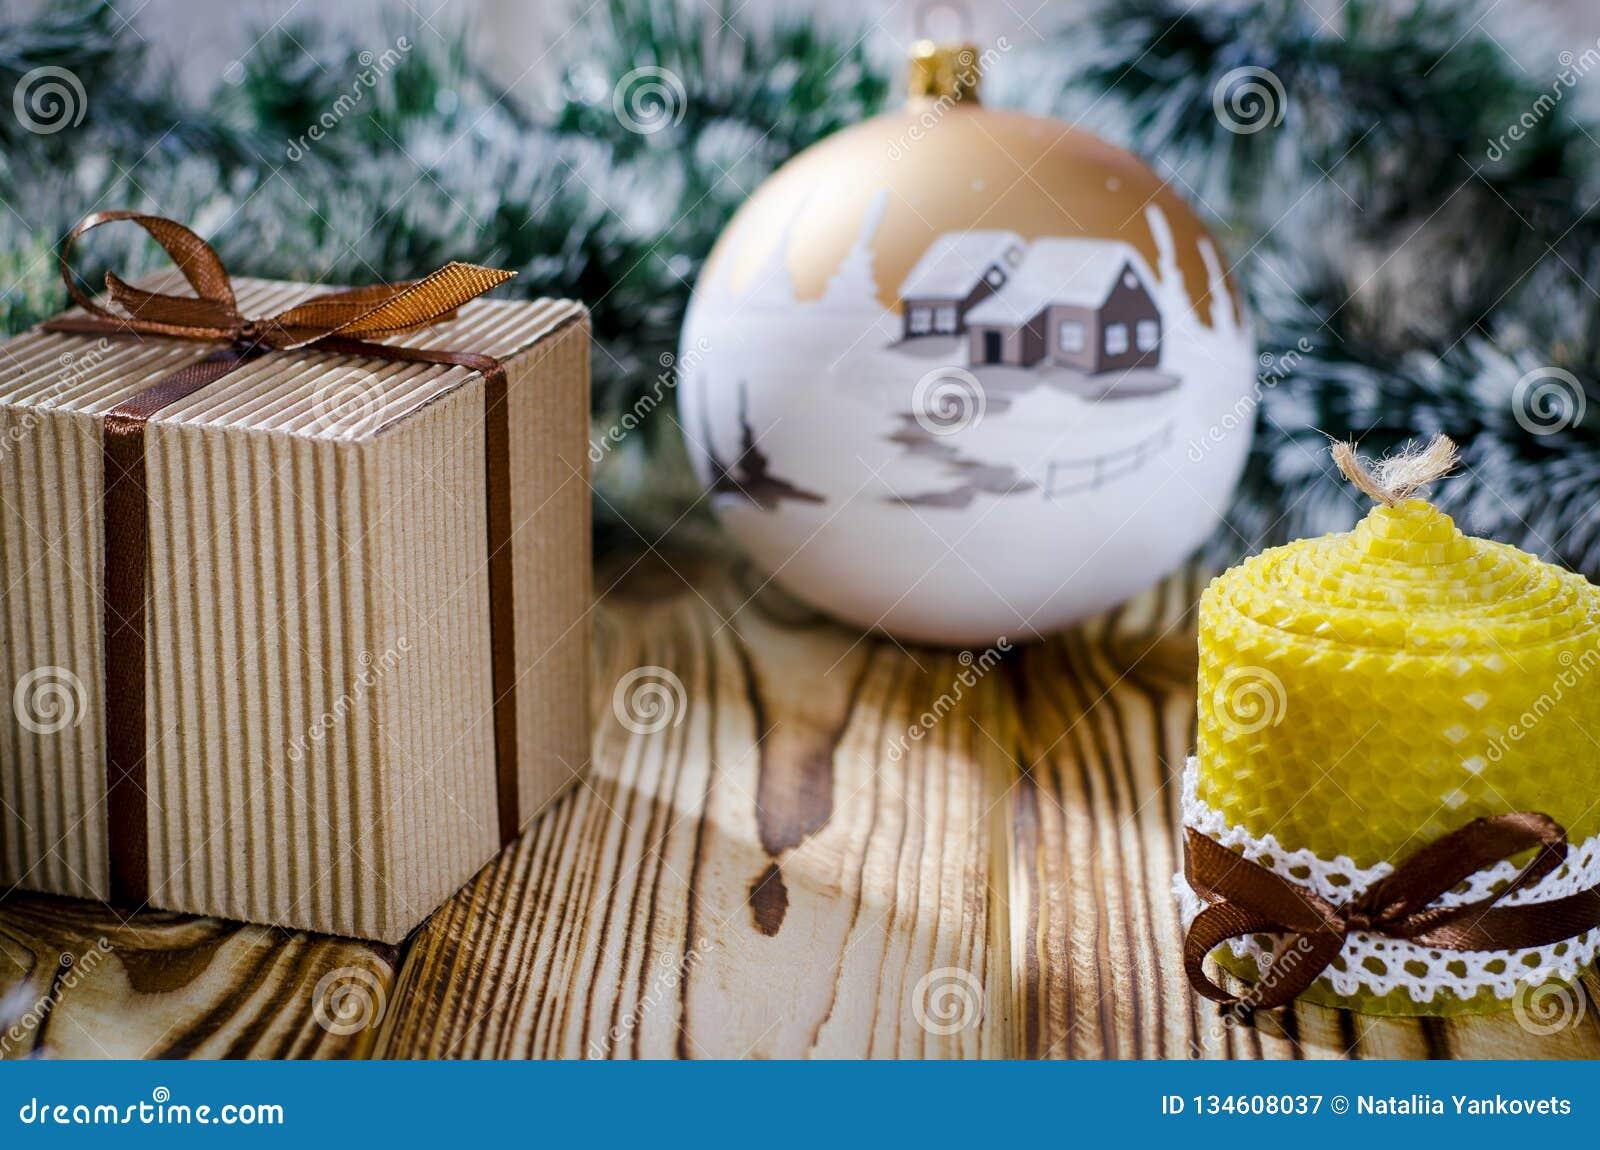 Un cadeau s étend sur une table en bois à côté d une bougie, des cônes et d un ange dans la perspective des décorations de Noël